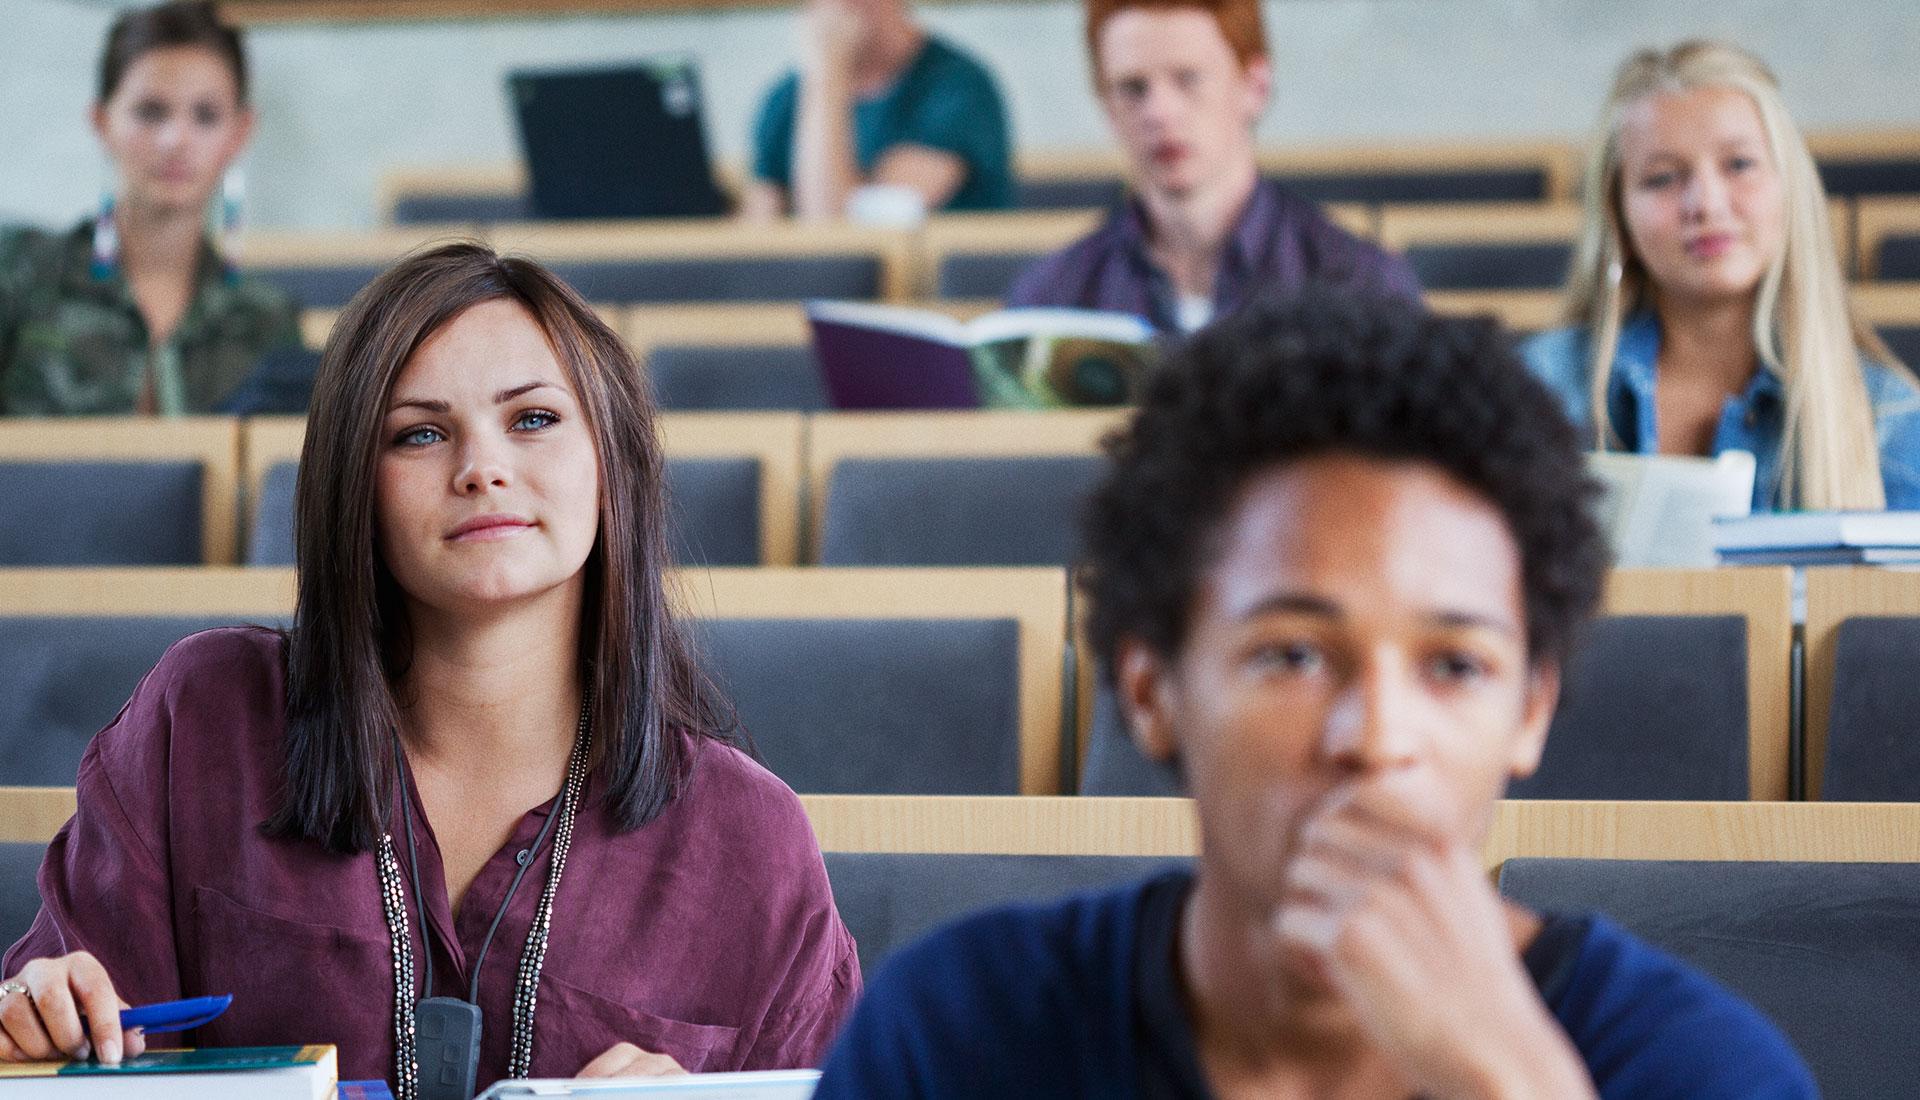 jeunes étudiants en amphi pour un cours d'école business